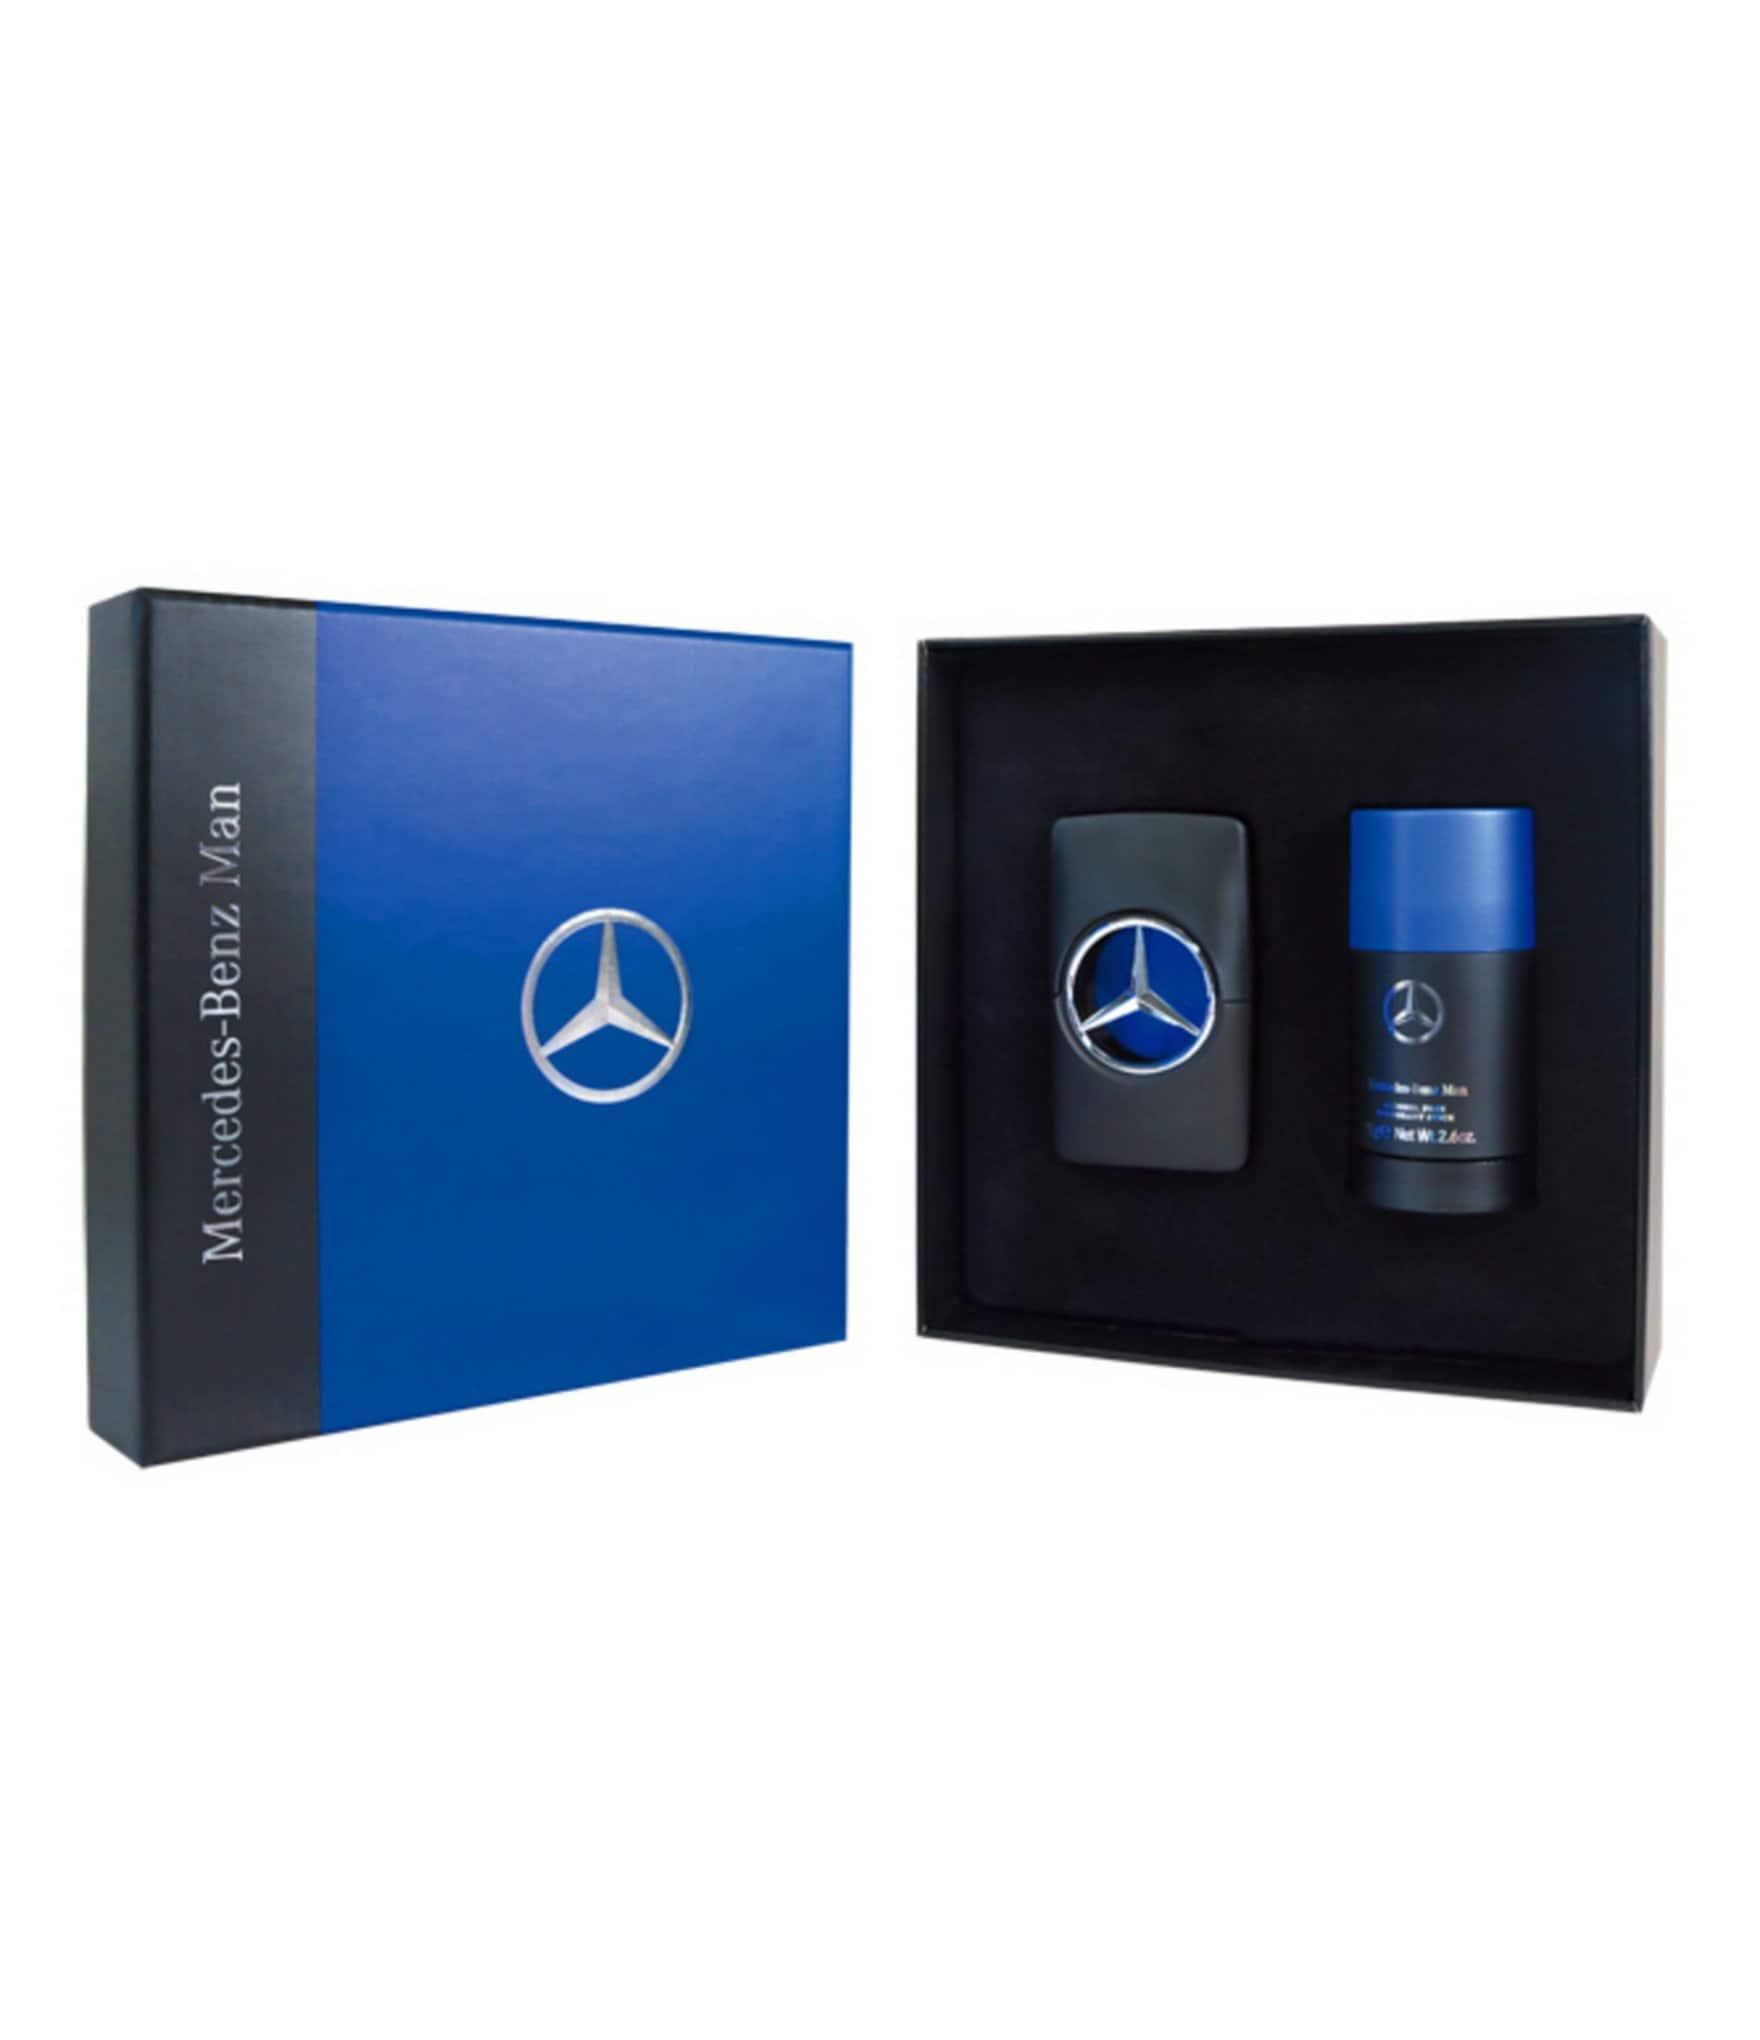 Mercedes benz man gift set dillards for Mercedes benz man